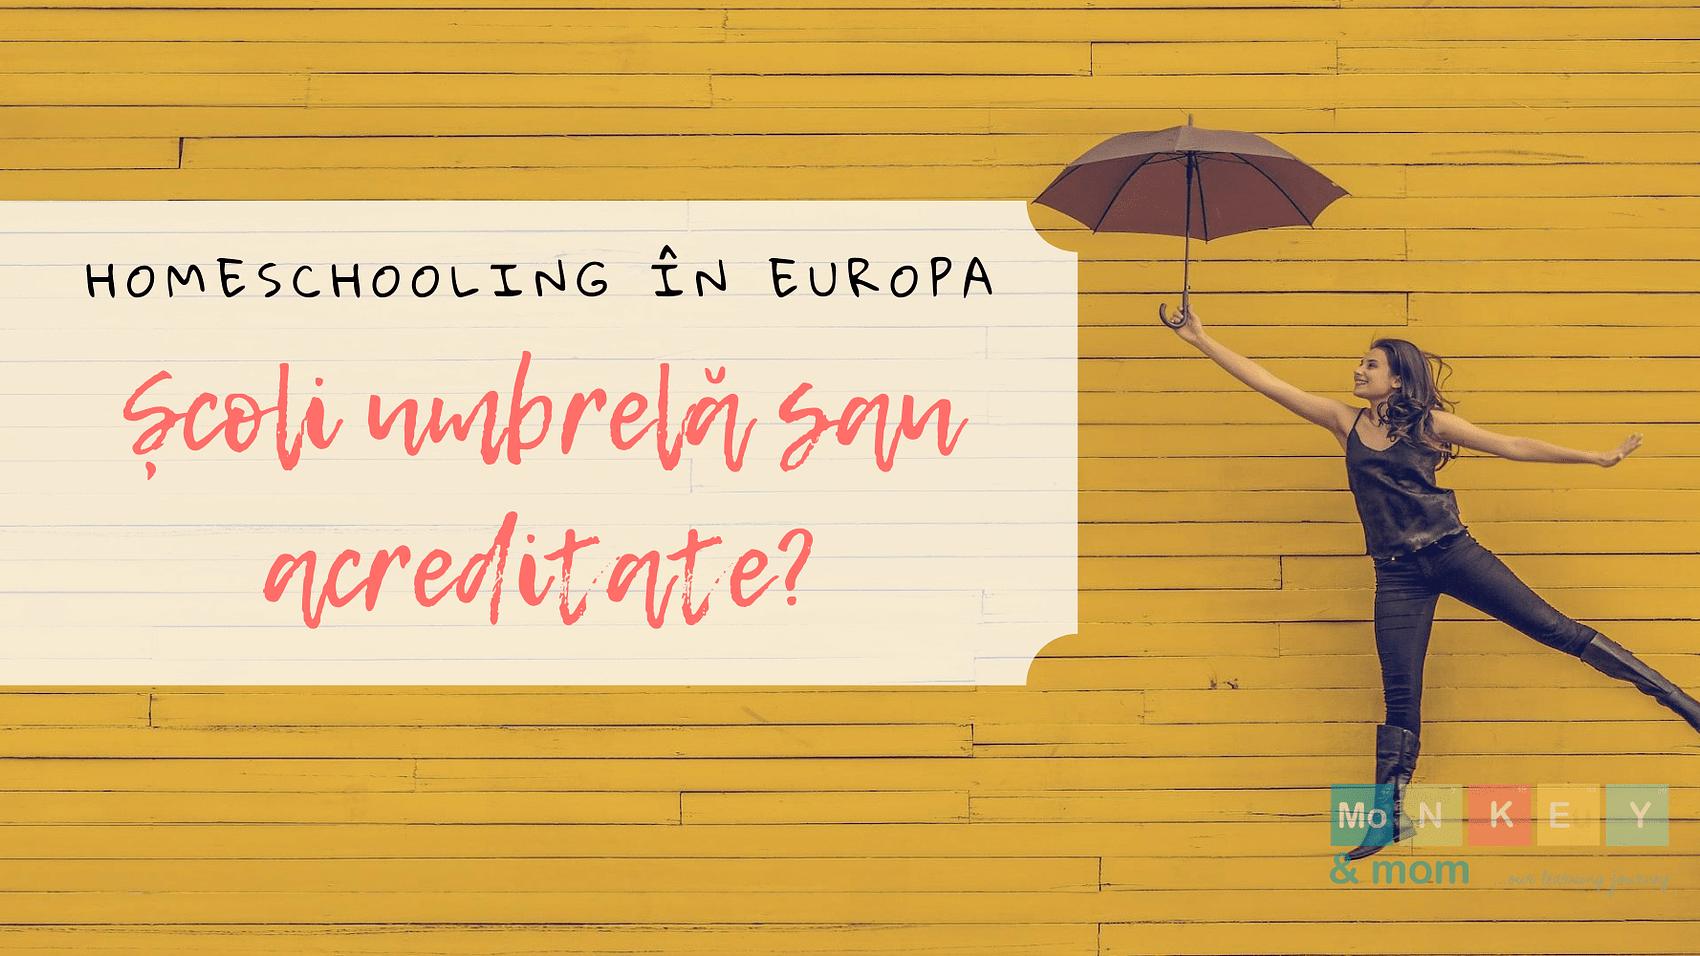 homeschooling in europe- umbrella or accredited schools